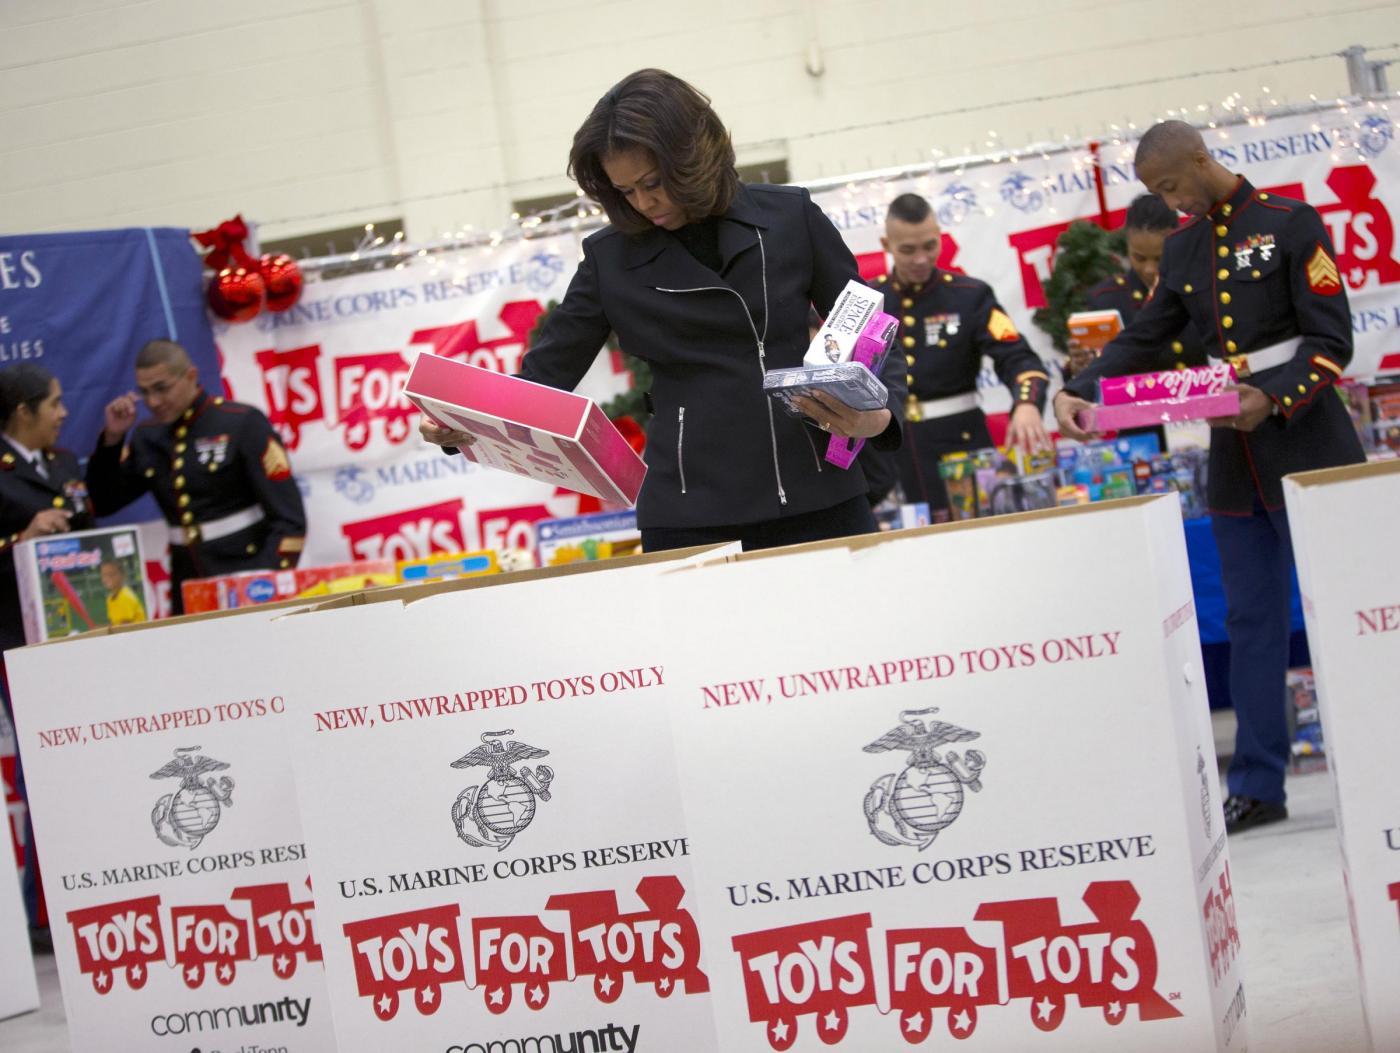 Michelle Obama dona giocattoli nella base dei marines03